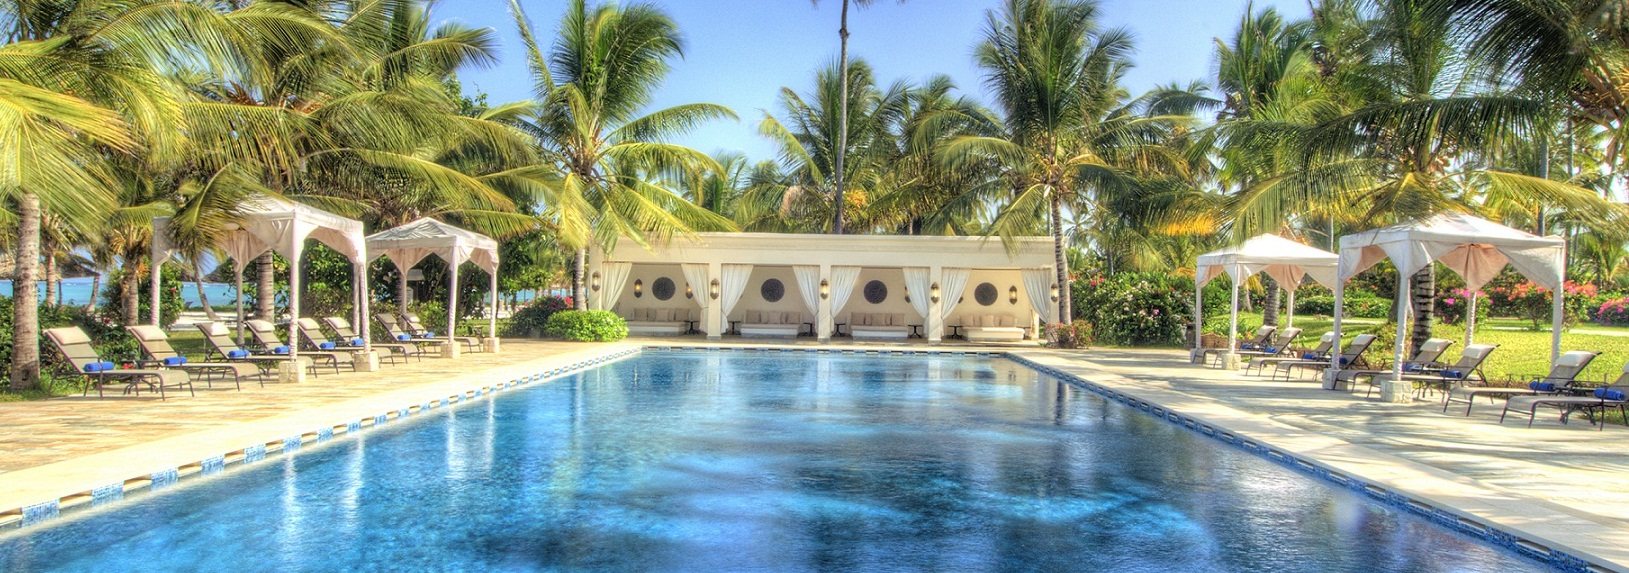 Ein orientalischer Traum auf Zanzibar - das elegante Baraza Resort